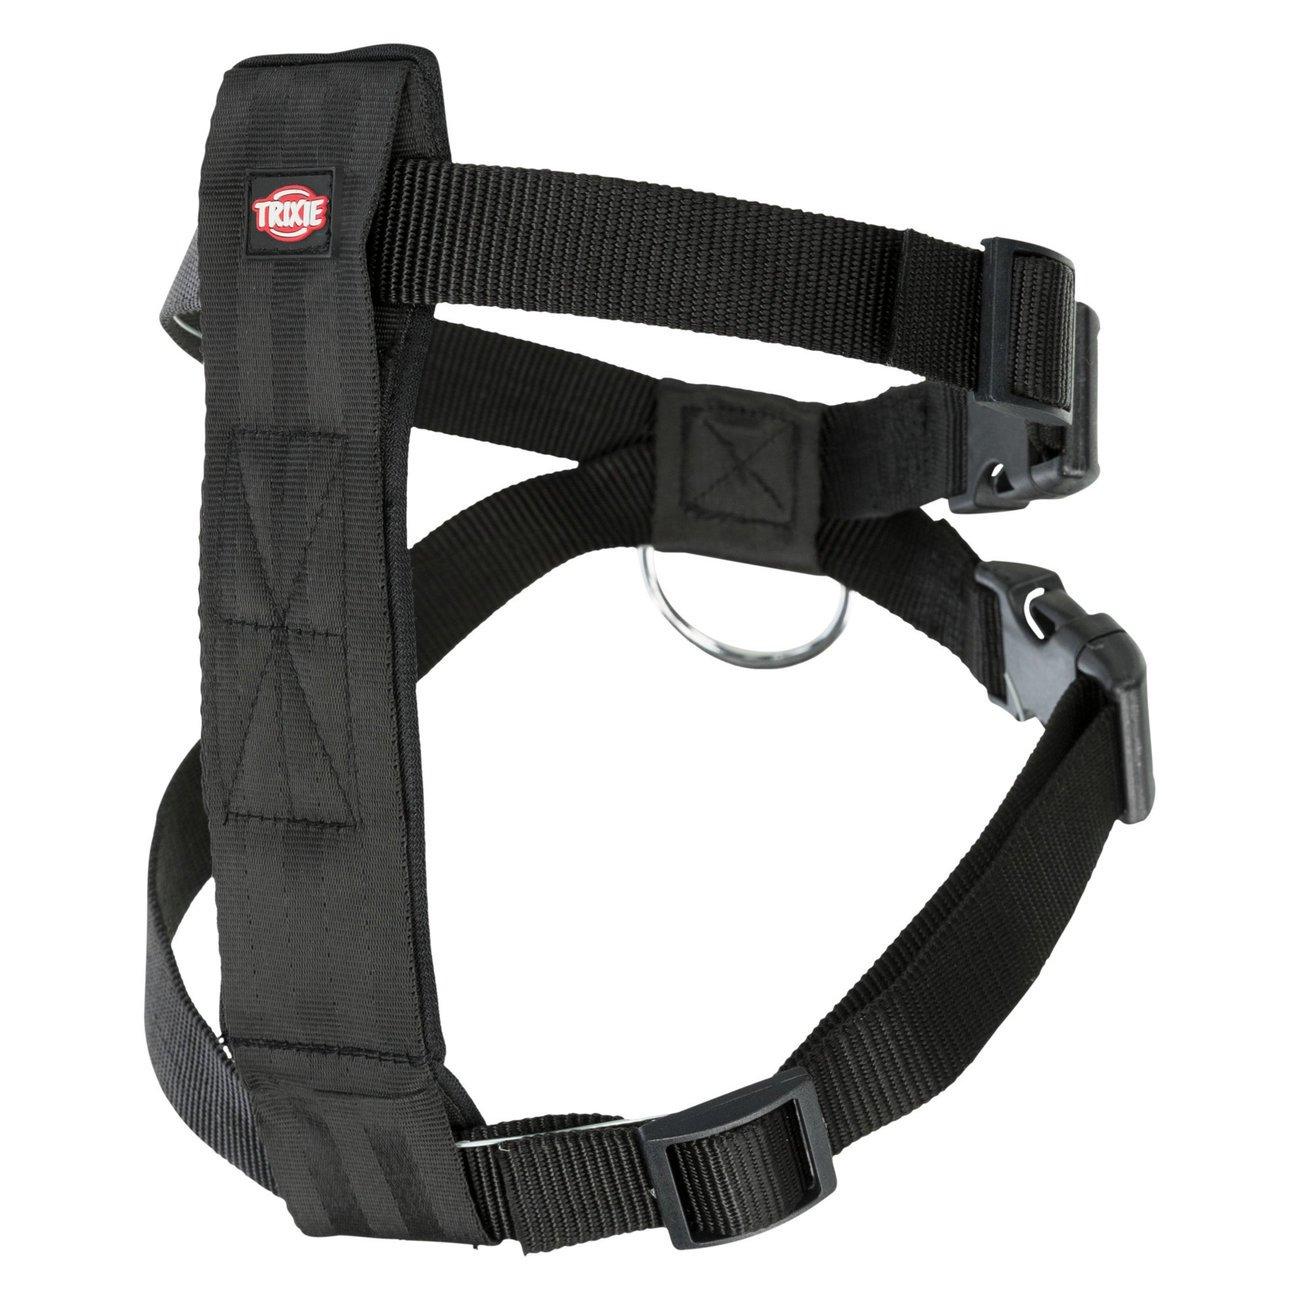 TRIXIE Hunde Sicherheitsgurt Sicherheitsgeschirr für das Auto 1288, Bild 14